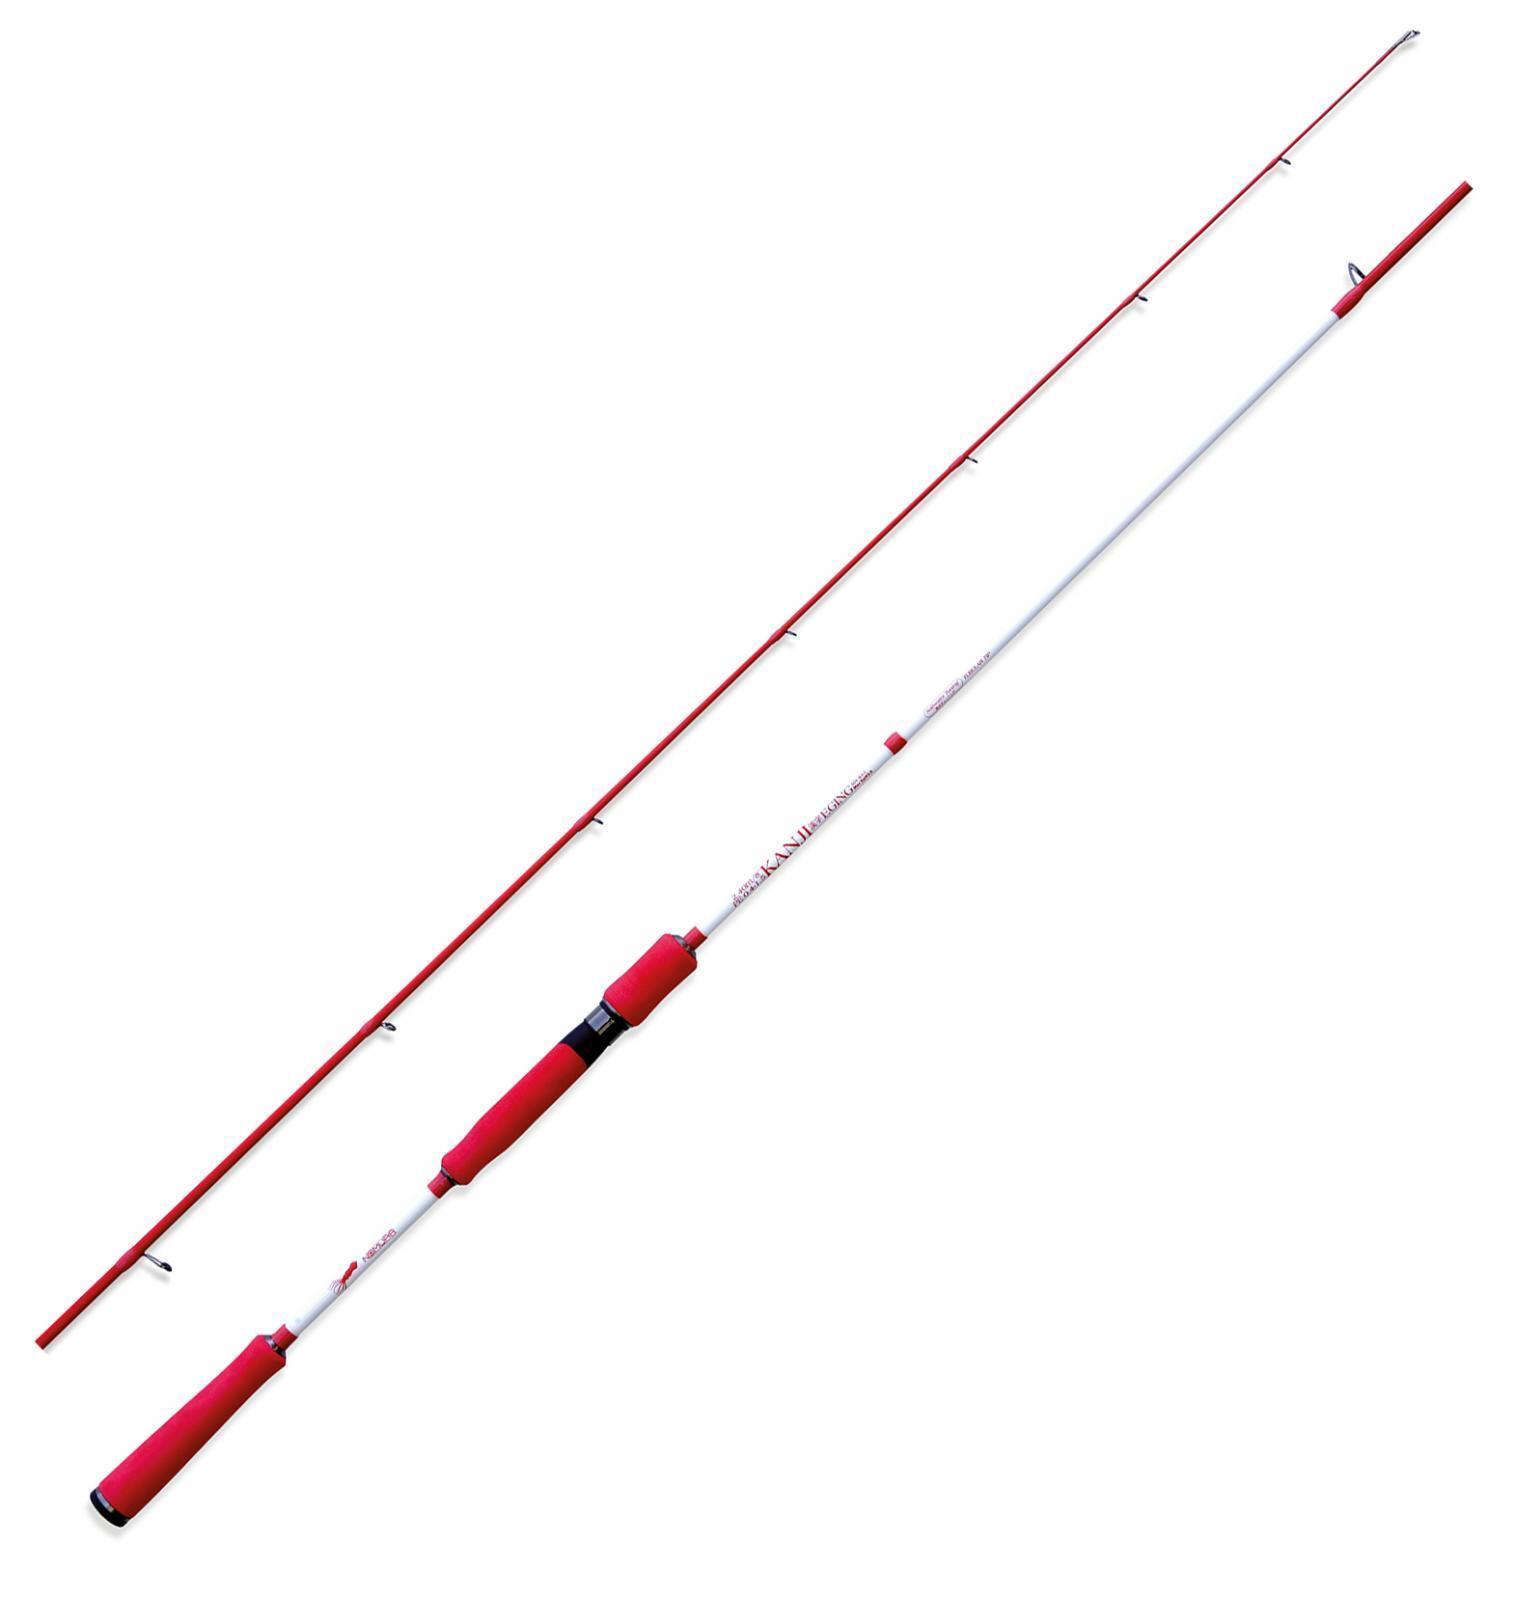 NM23111524 Nomura canna pesca Eging SW Kanji 240 seppia cefalopodi CAS